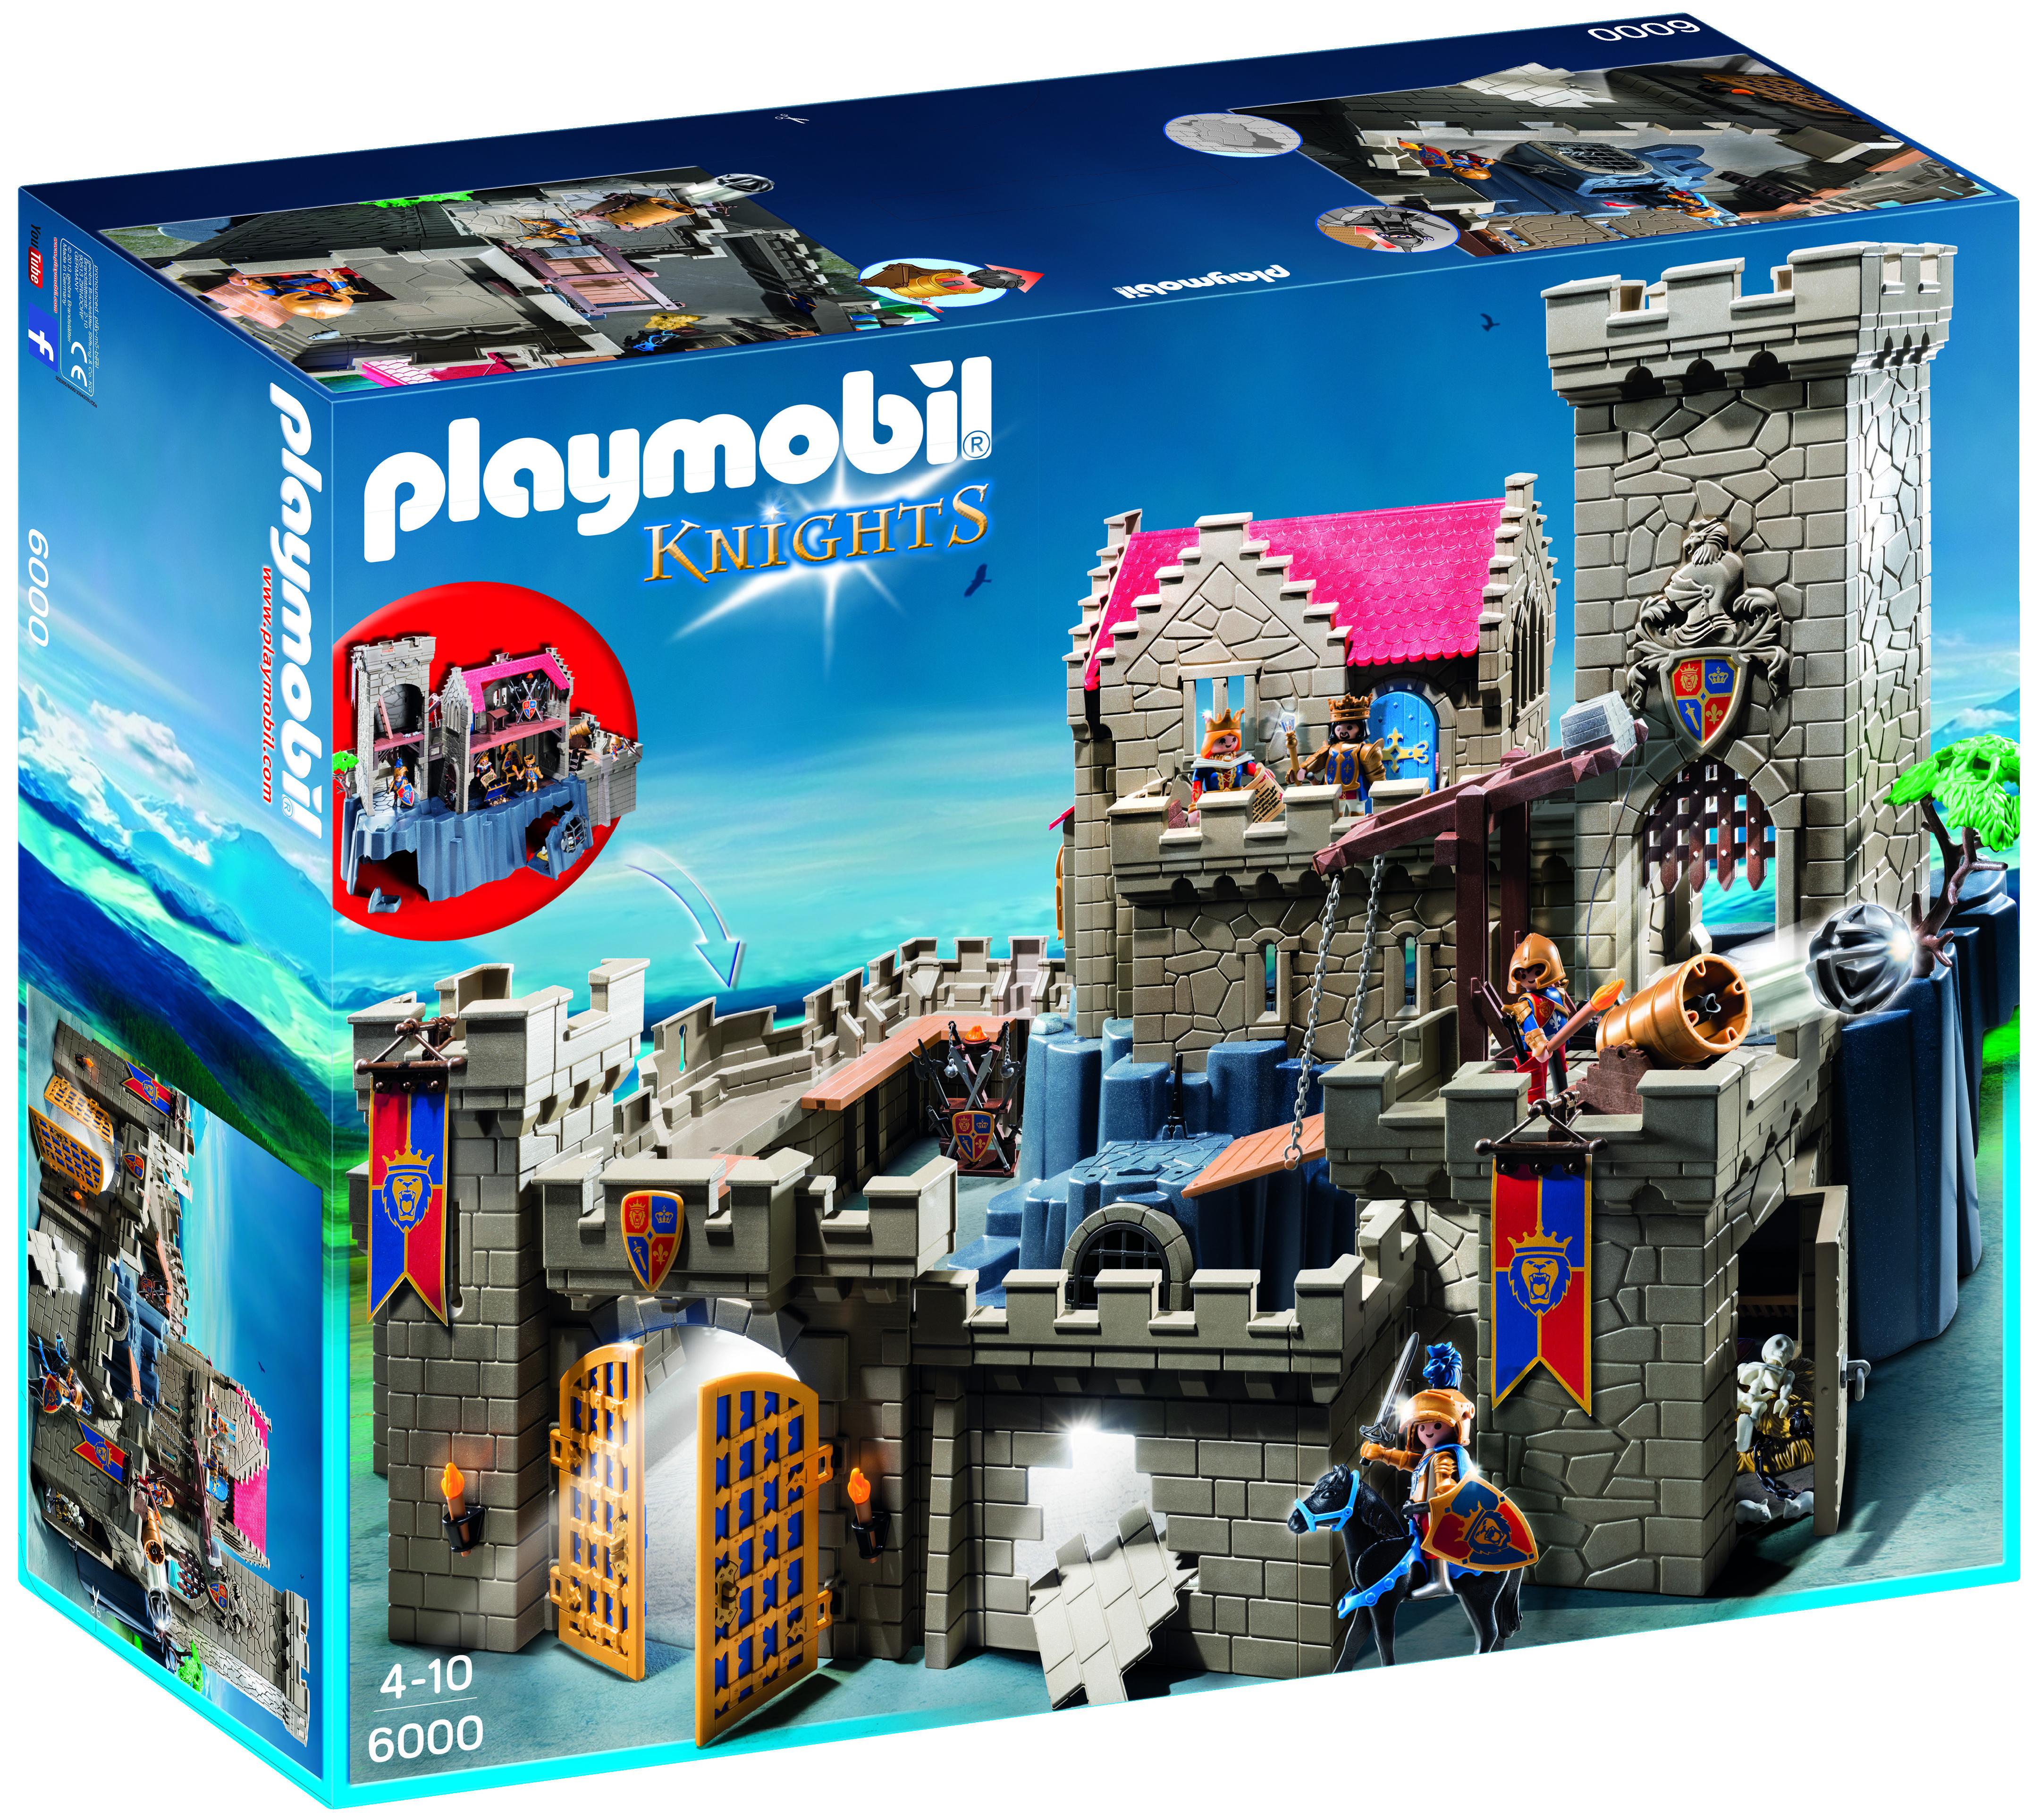 Château des chevaliers du Lion Impérial - Playmobil Knights - 6000